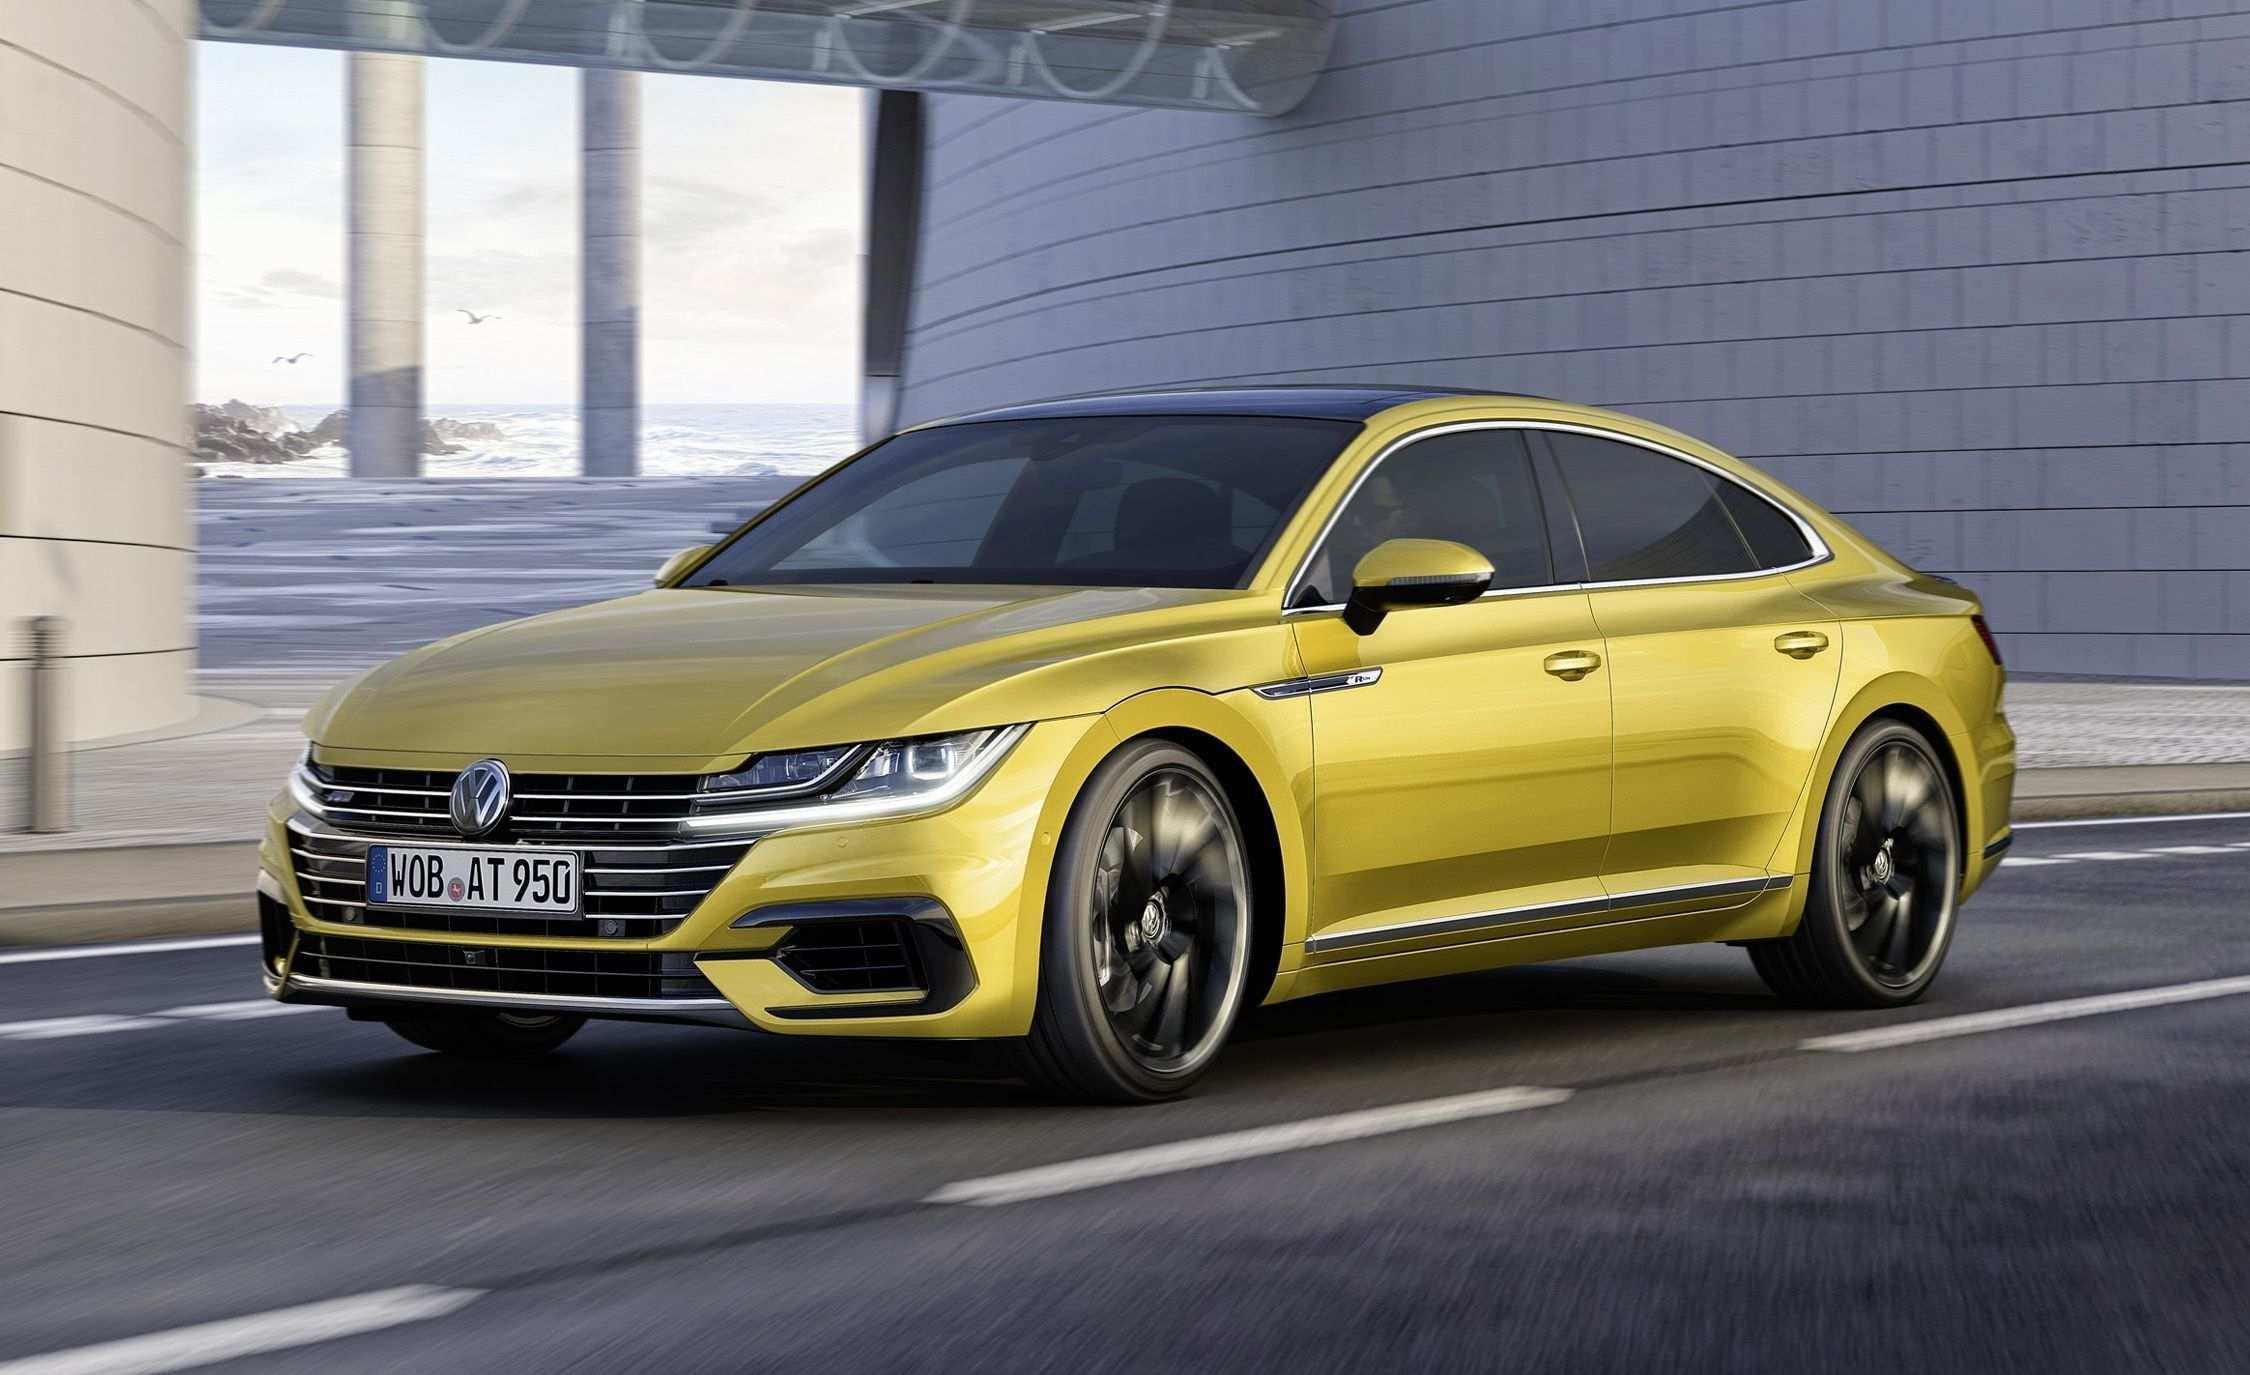 43 The Volkswagen Lineup 2019 Exterior and Interior with Volkswagen Lineup 2019